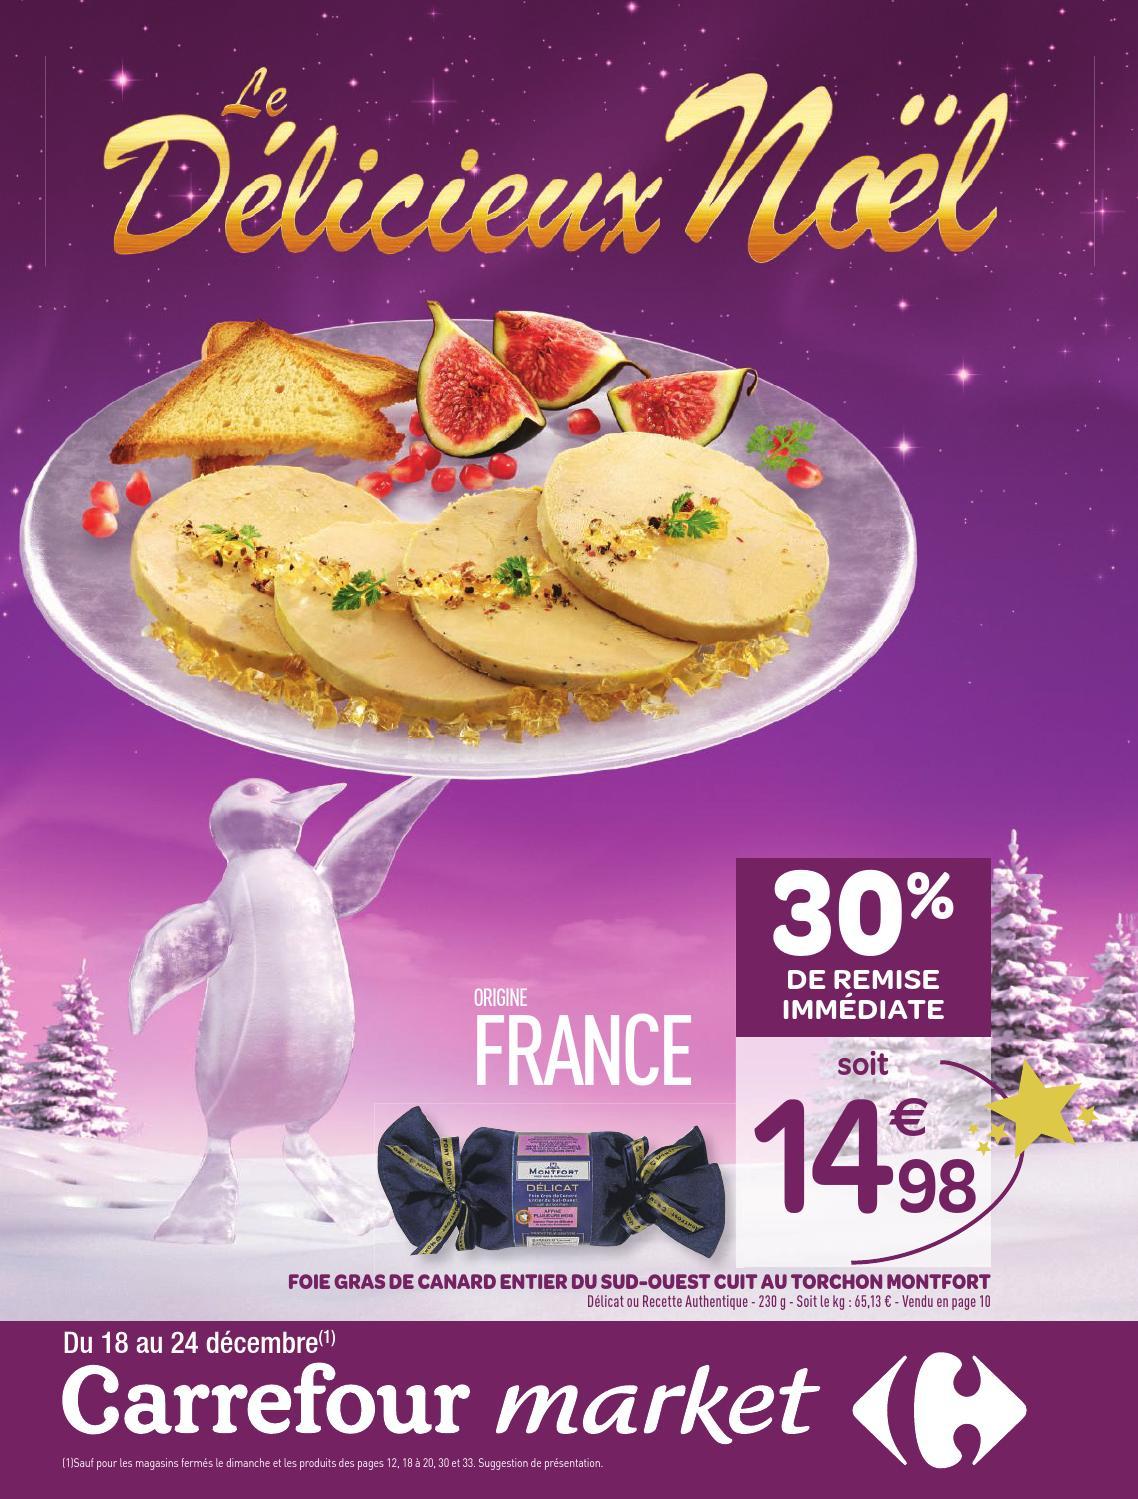 Catalogue Carrefour Market 18 24 12 2013 By Joe Monroe Issuu